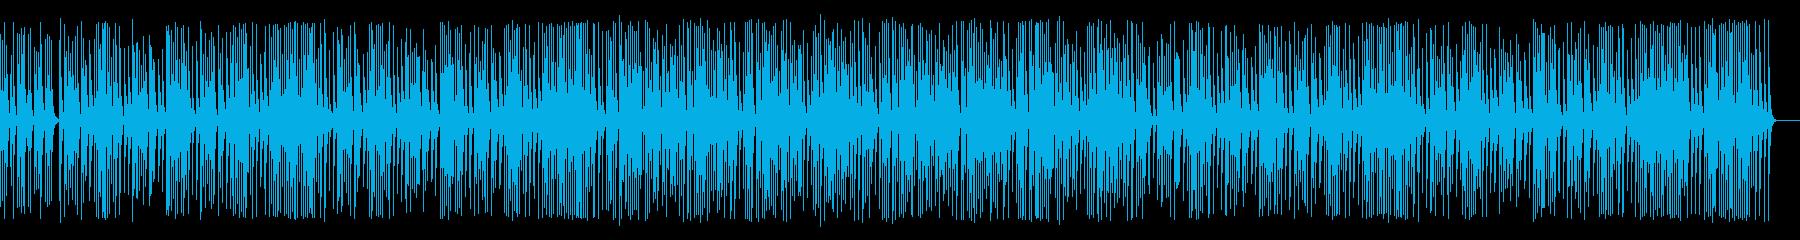 木琴がコロコロ可愛い名曲エンターテイナーの再生済みの波形